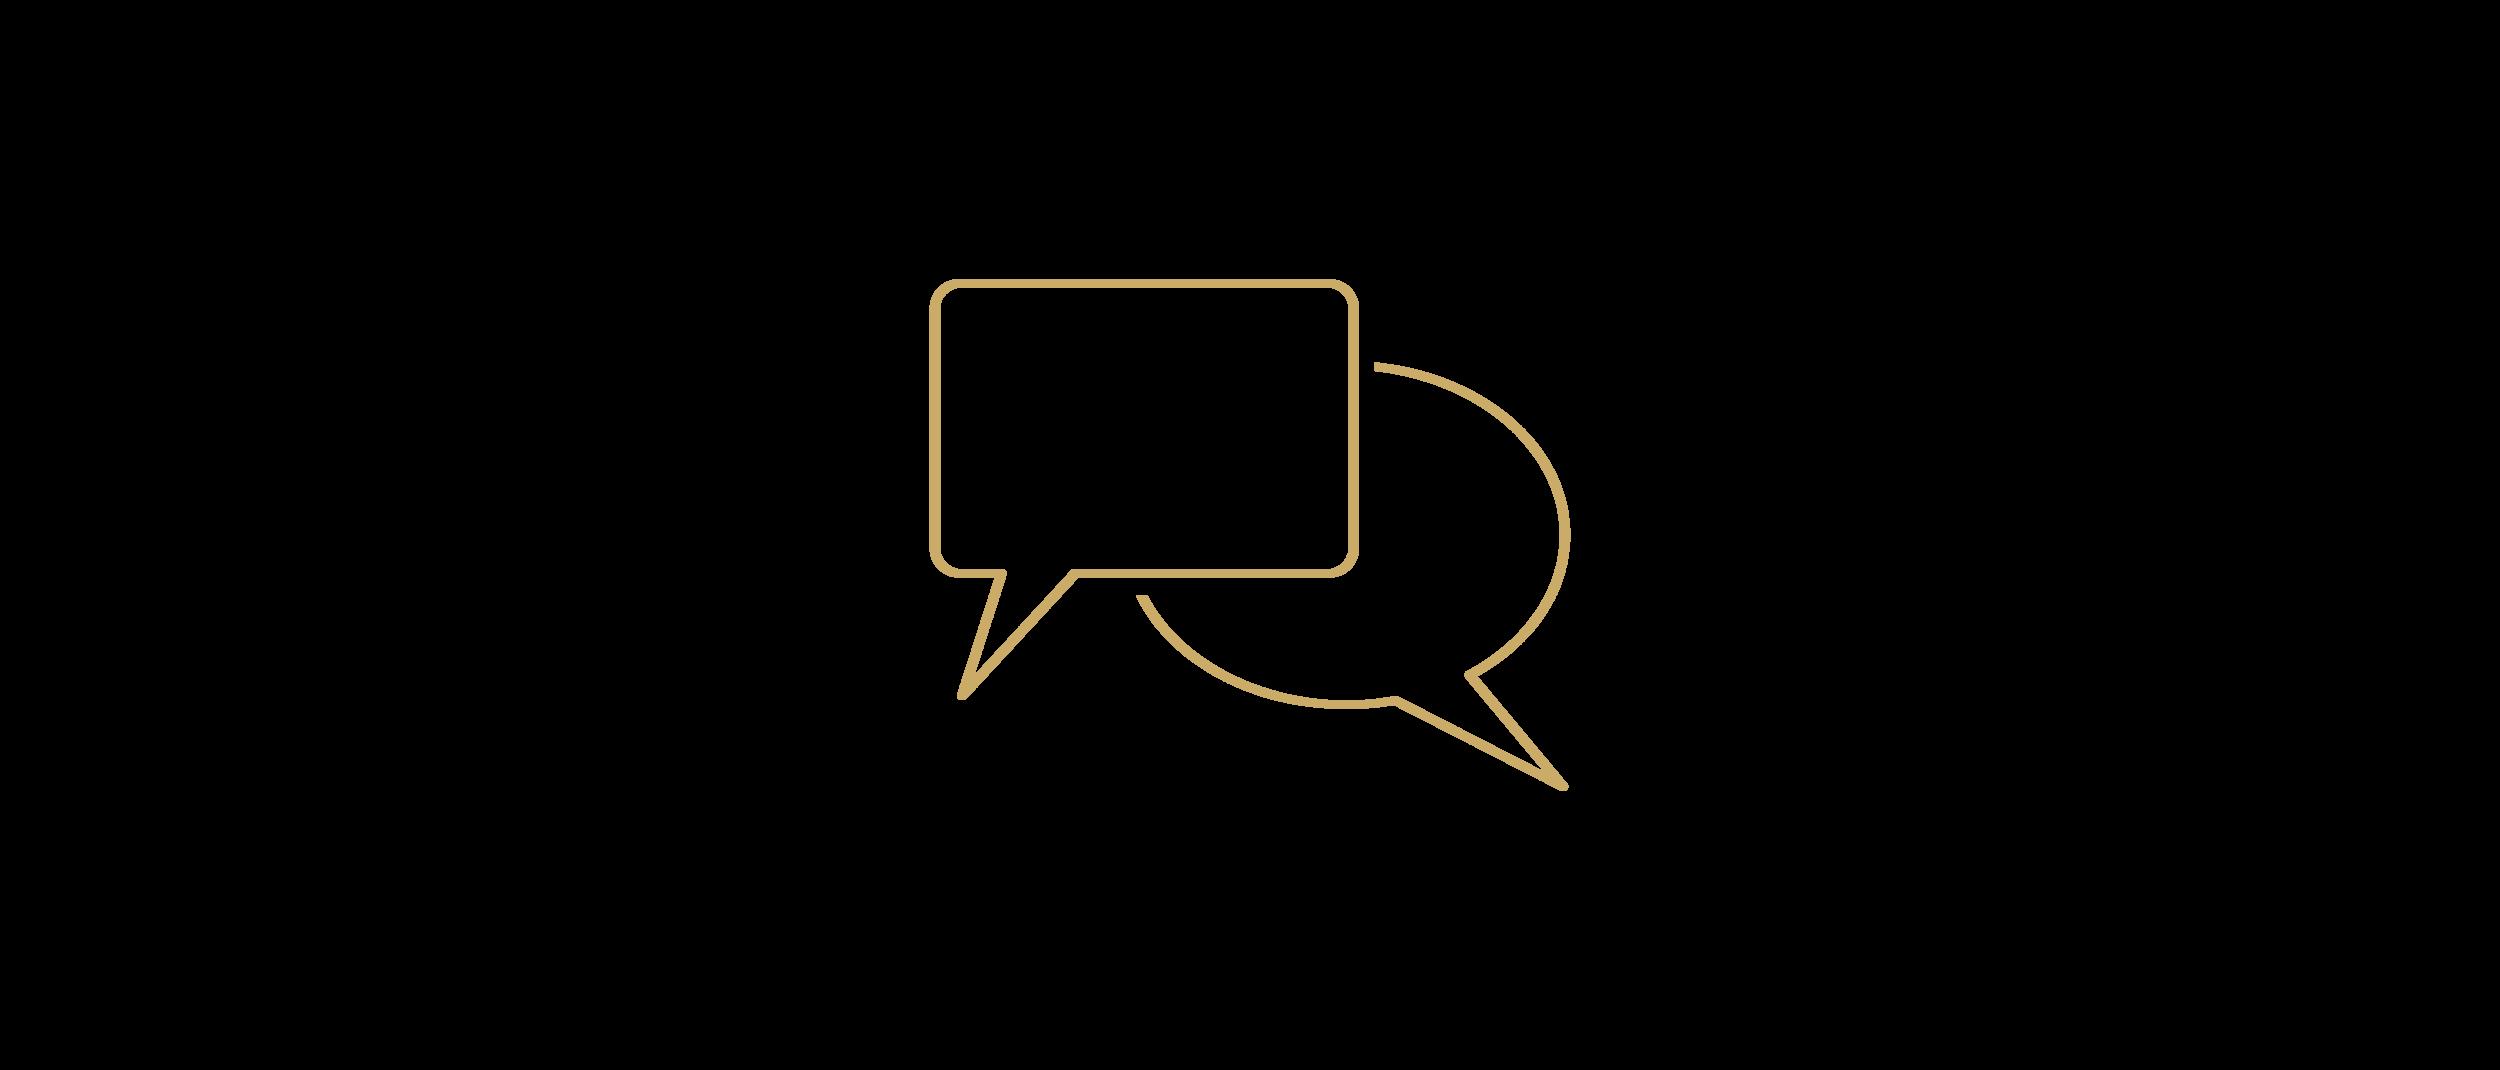 Det store interview - Jeg interviewer dig i cirka fire timer ud fra 10 faste spørgsmål, der kommer rundt om dit liv eller din virksomhed med udgangspunkt i, hvem du er som menneske. Eller du fortæller din livshistorie fra en ende af med fokus på dine egne erindringer og anekdoter.